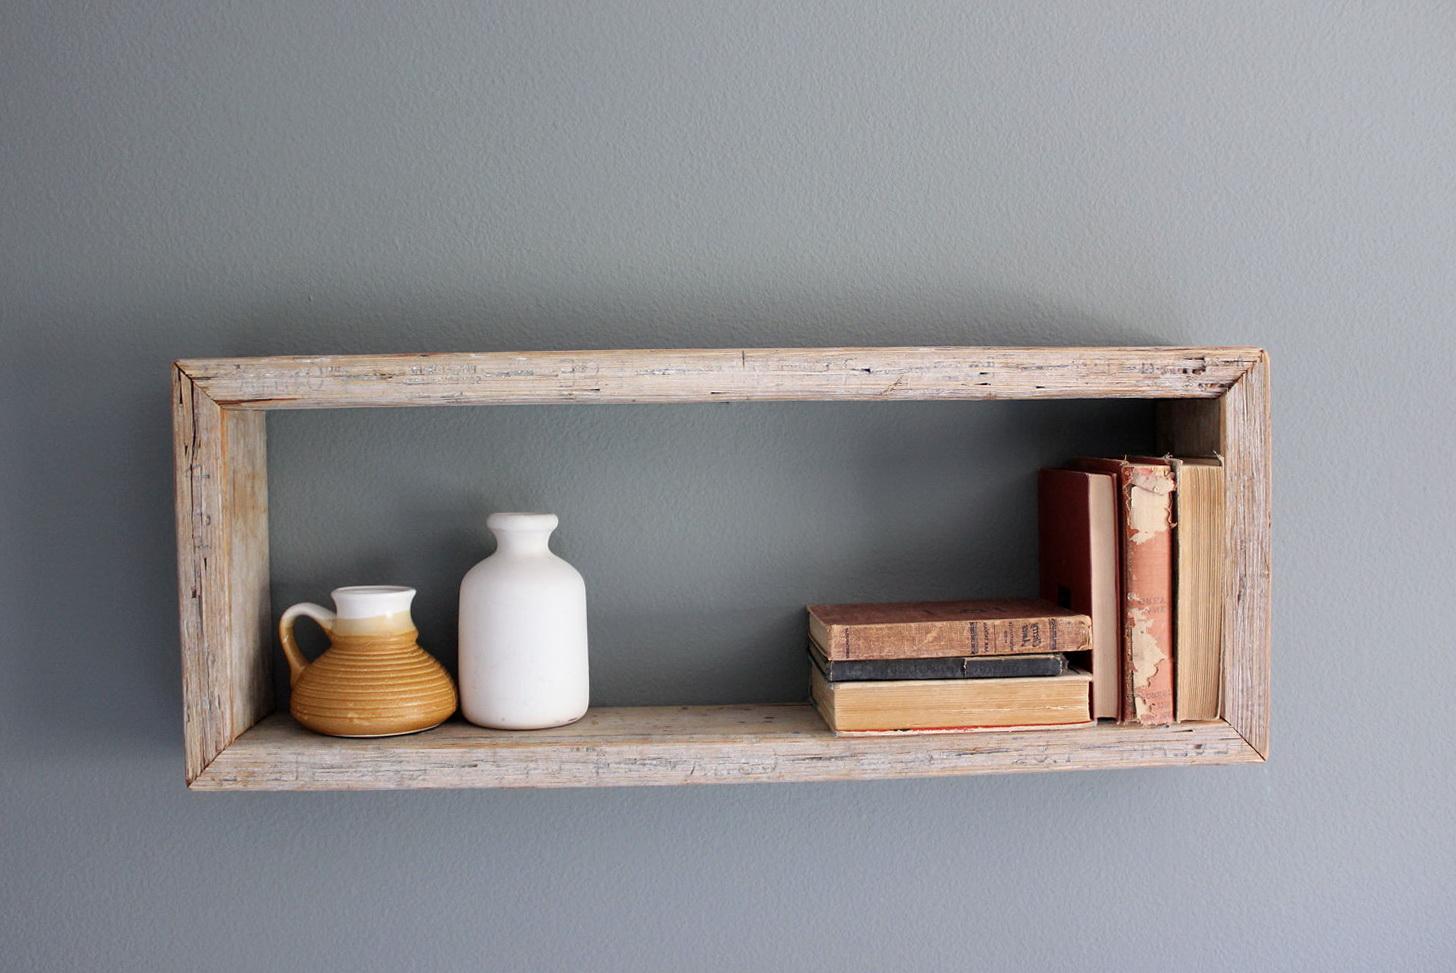 Wood Wall Box Shelves Wall Shelves 16693 Home Design Ideas